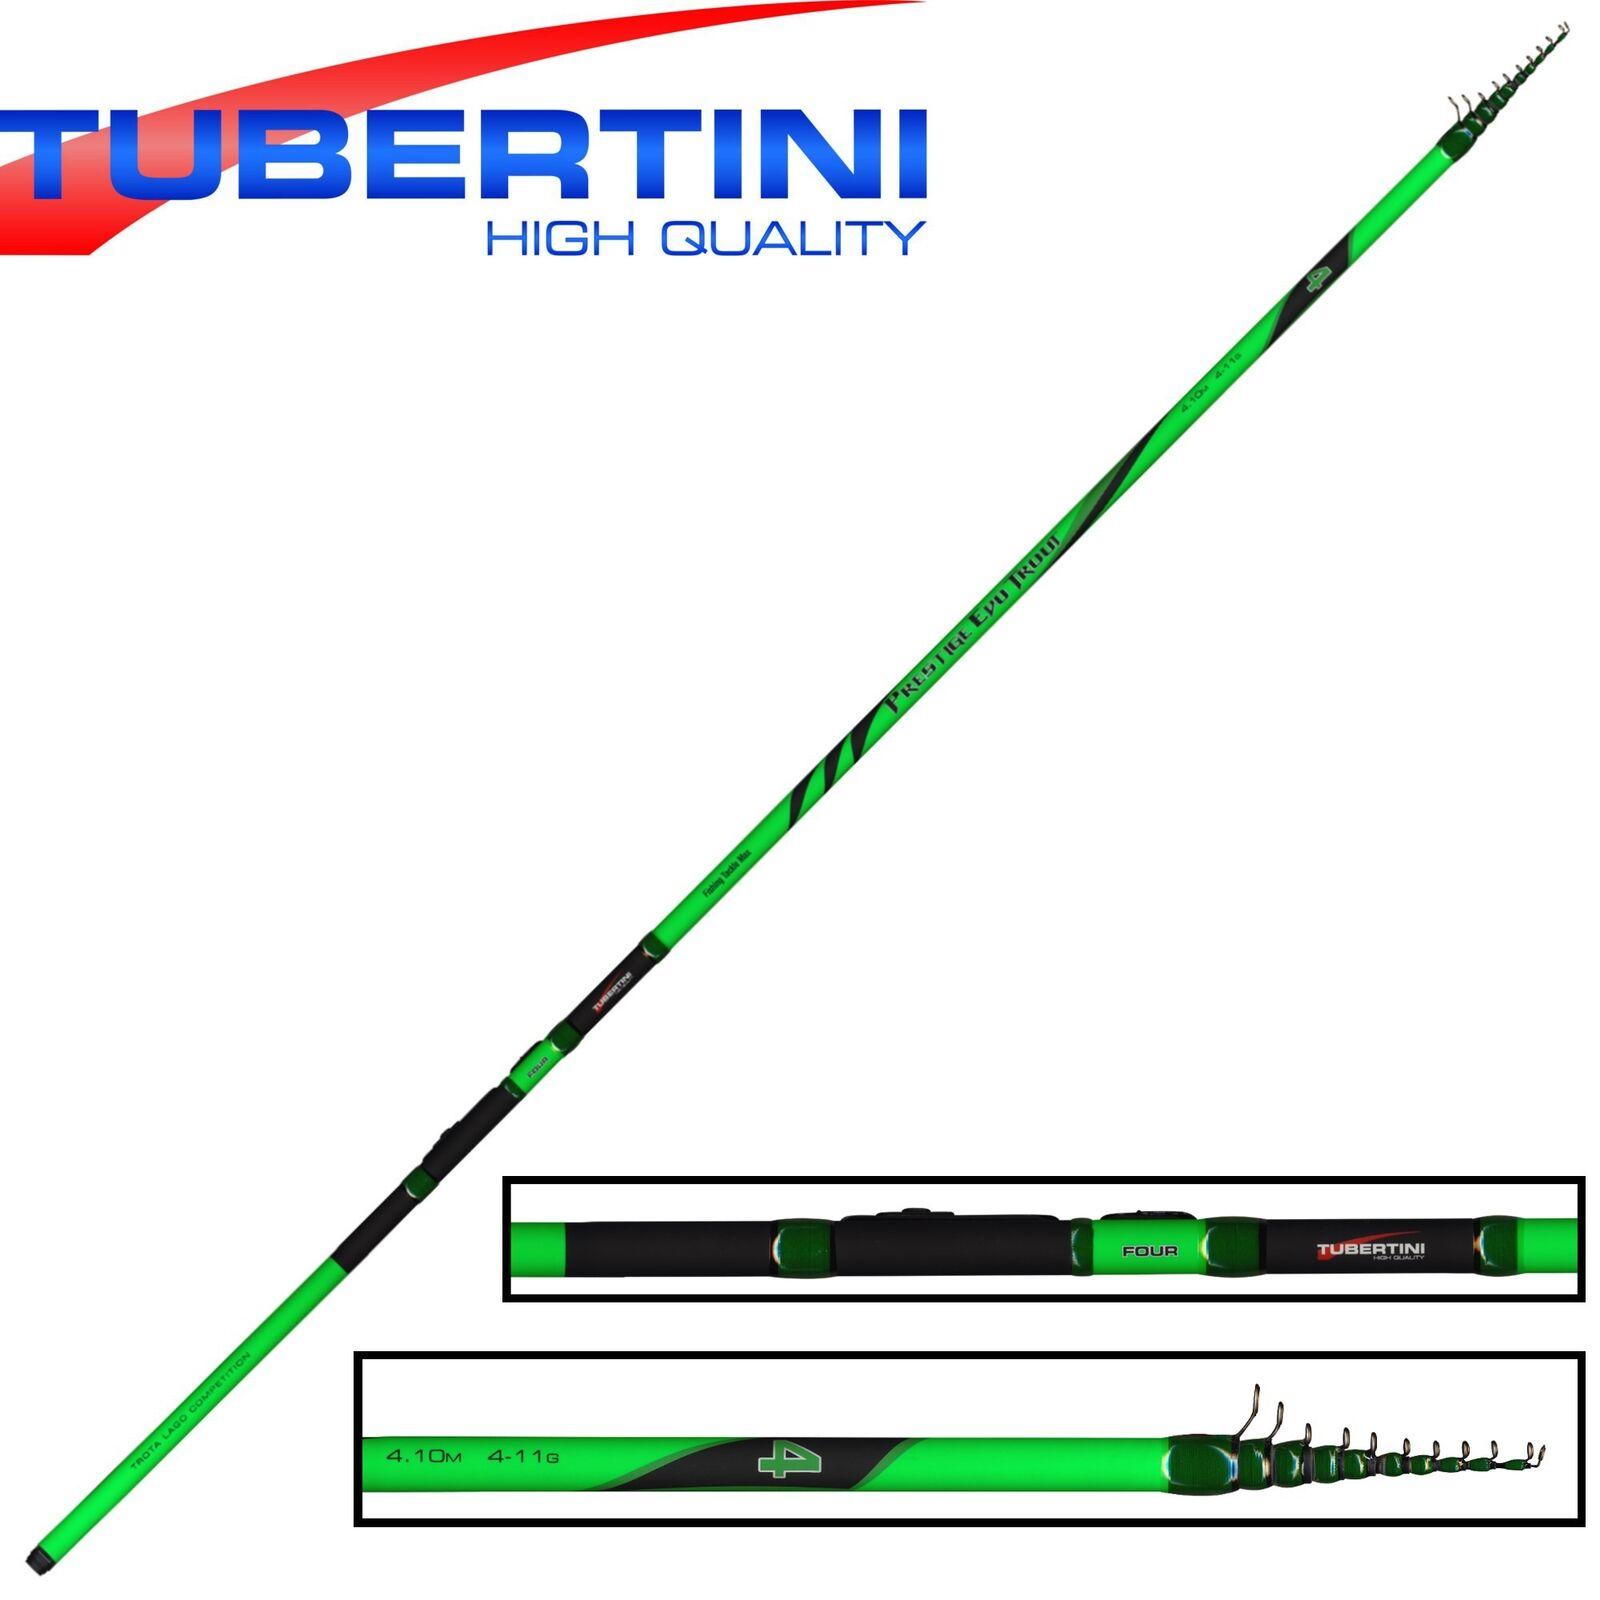 Tubertini Prestige Evo Trout 4 4,10m 4-11g - Forellenrute, Angelrute für für Angelrute Forelle f49df0